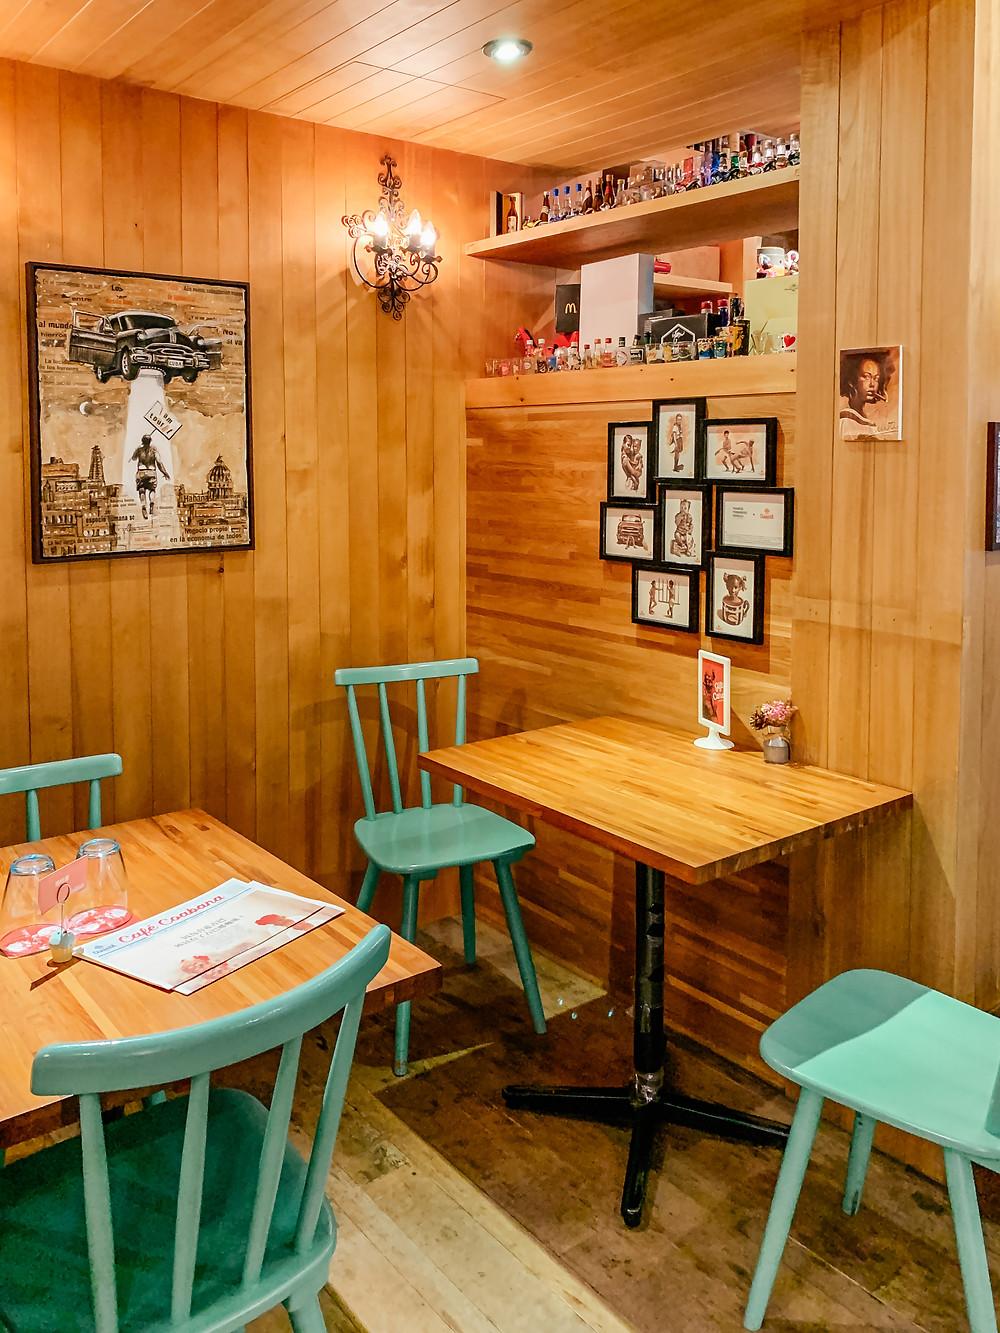 Café Coabana 古巴娜咖啡 | Taipei Cafe | A Style Alike